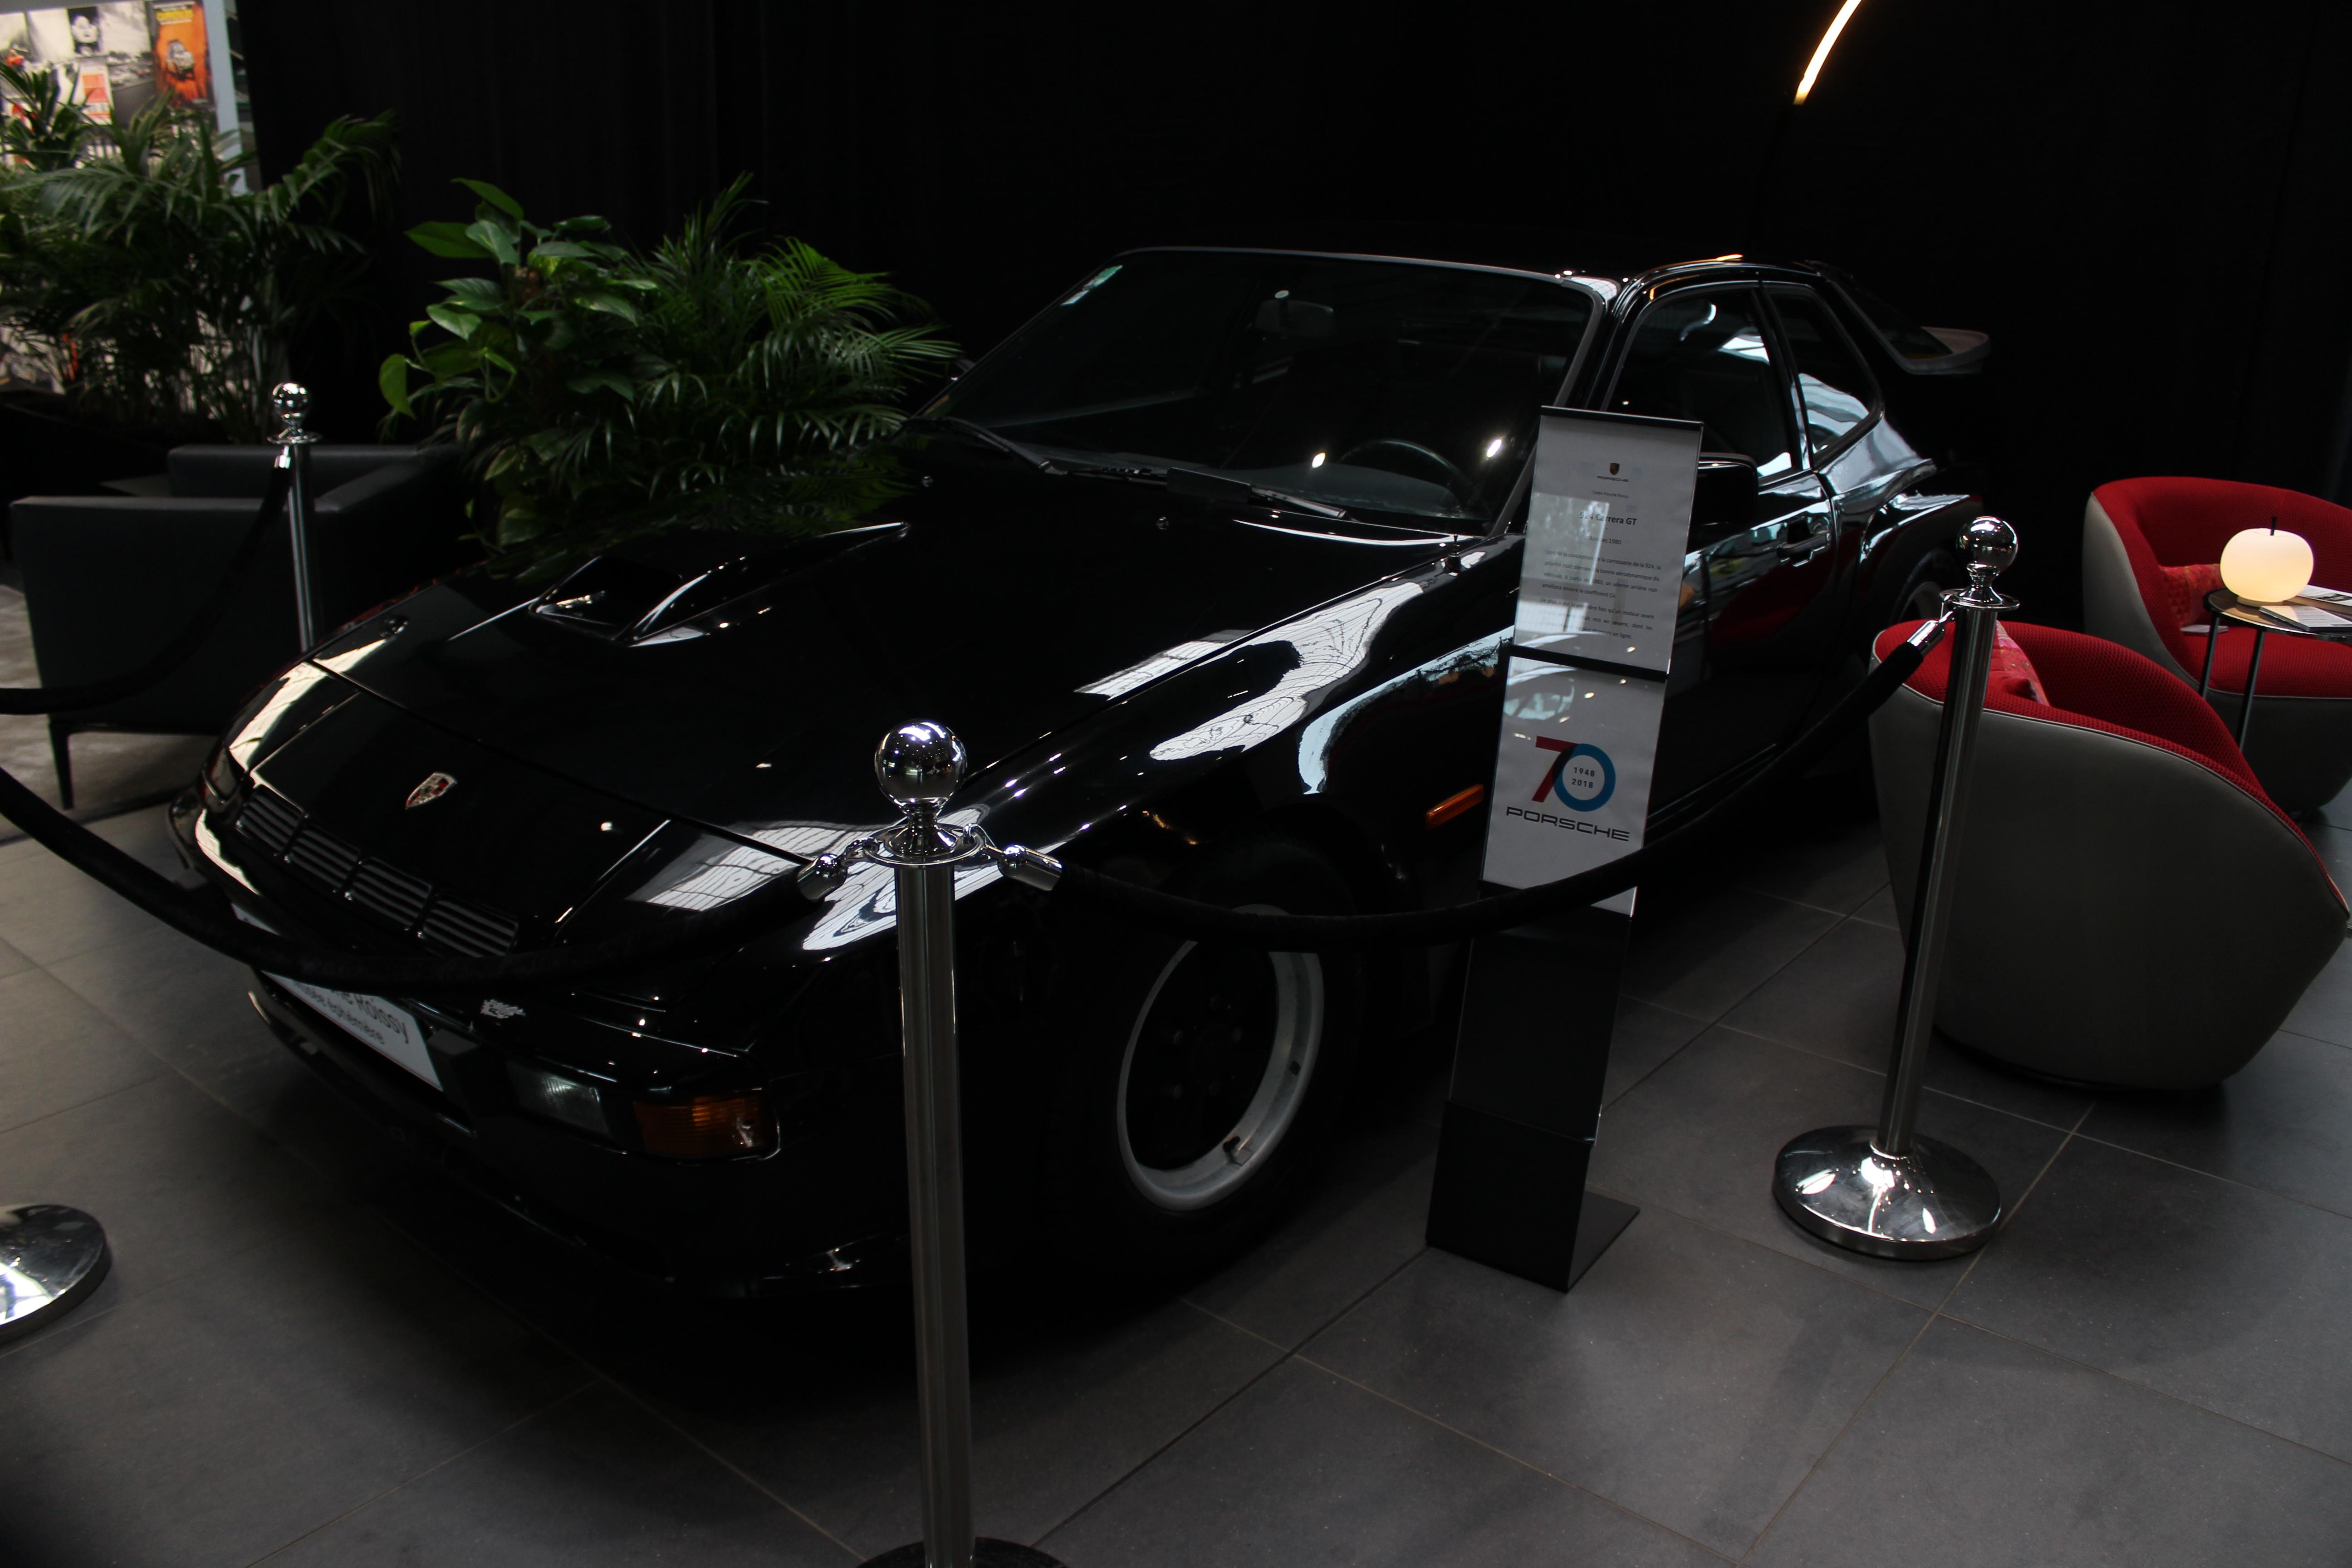 70 Ans Centre Porsche ROISSY Sonauto Img_6529